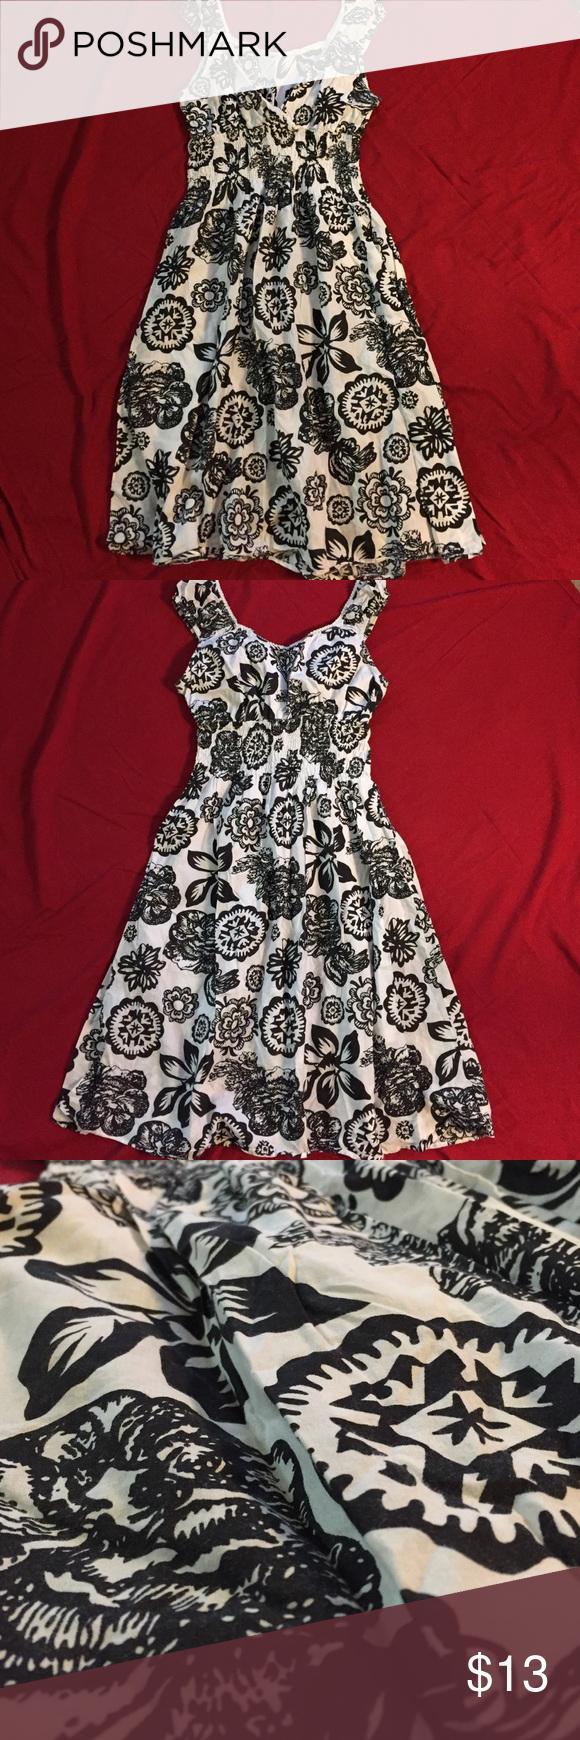 Pretty black and white print mini dress Black and white print dress. So pretty, lightweight. Gently used, great condition. Size Small Dresses Mini